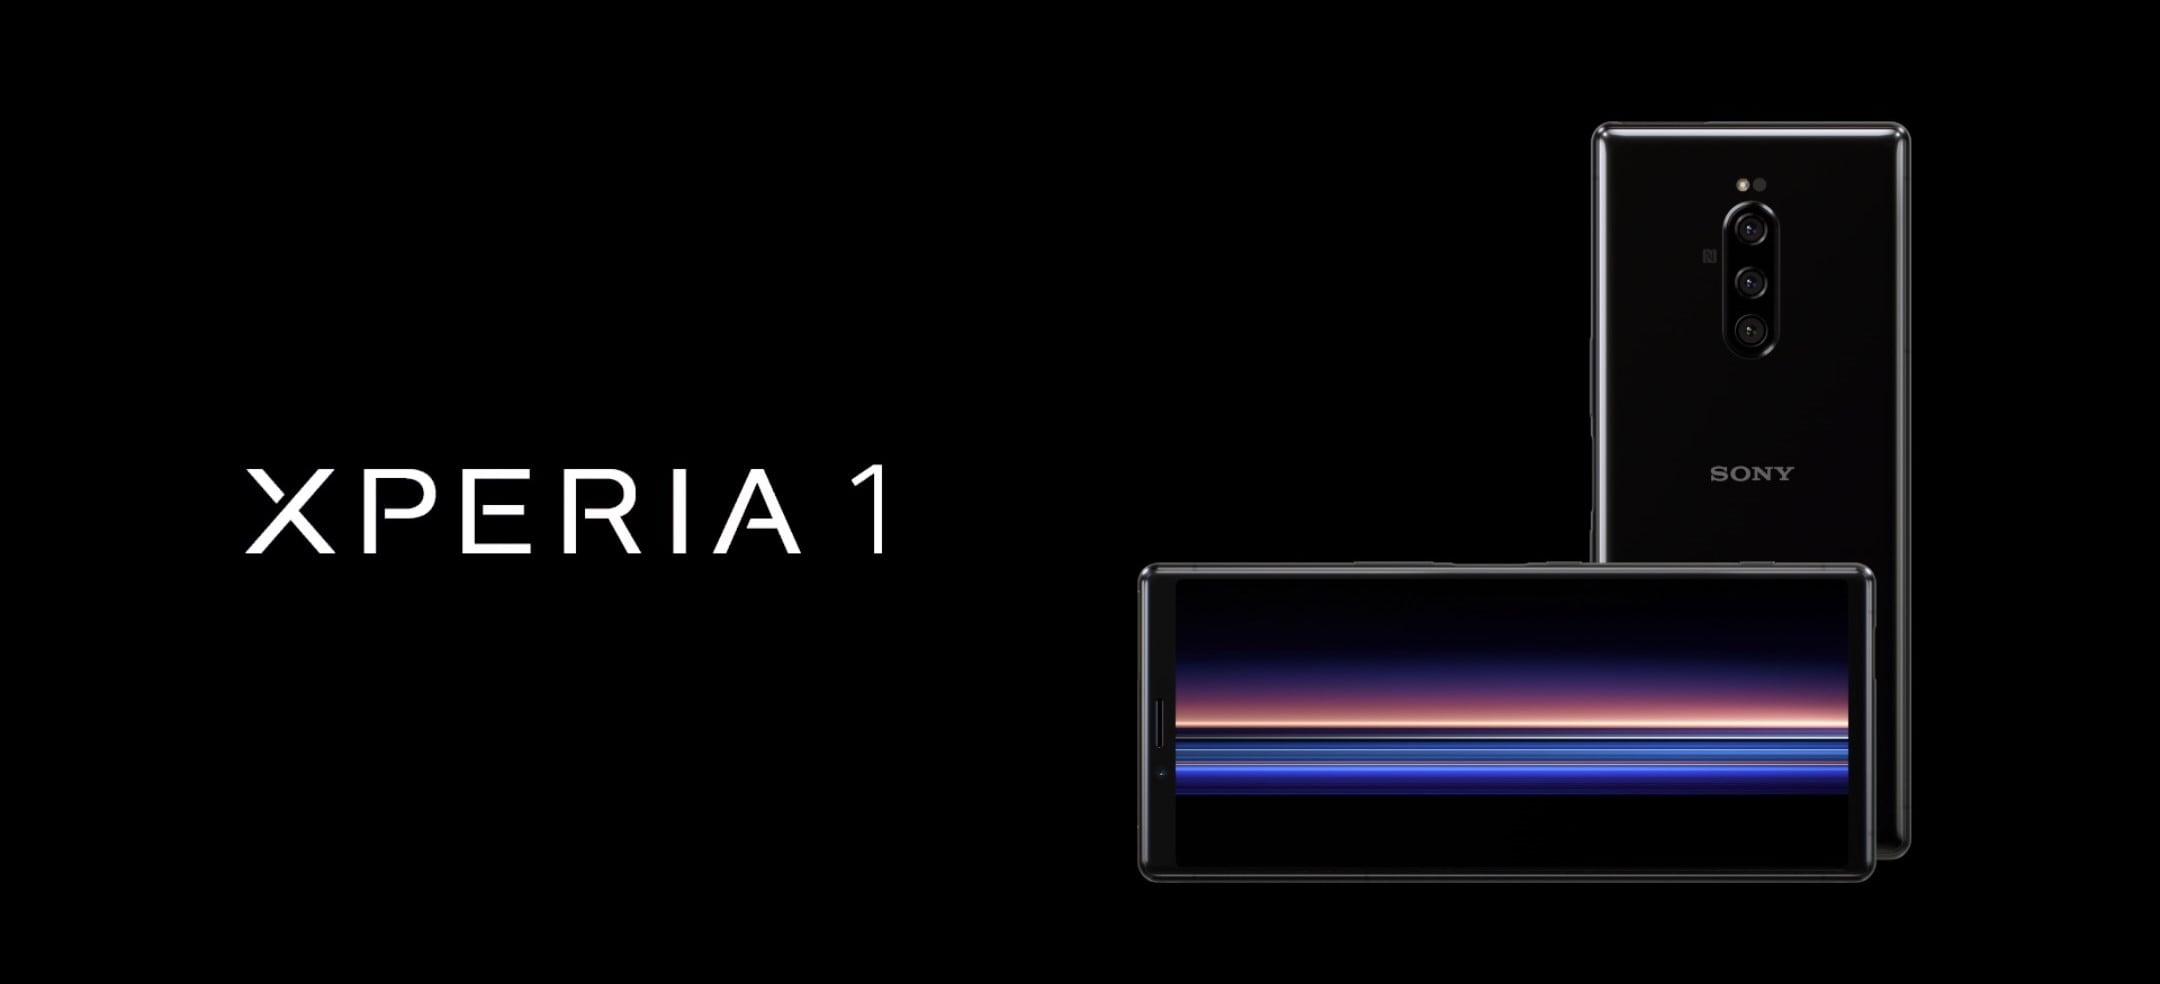 Złe wieści: za flagowca Sony zapłacicie jednak duuużo więcej